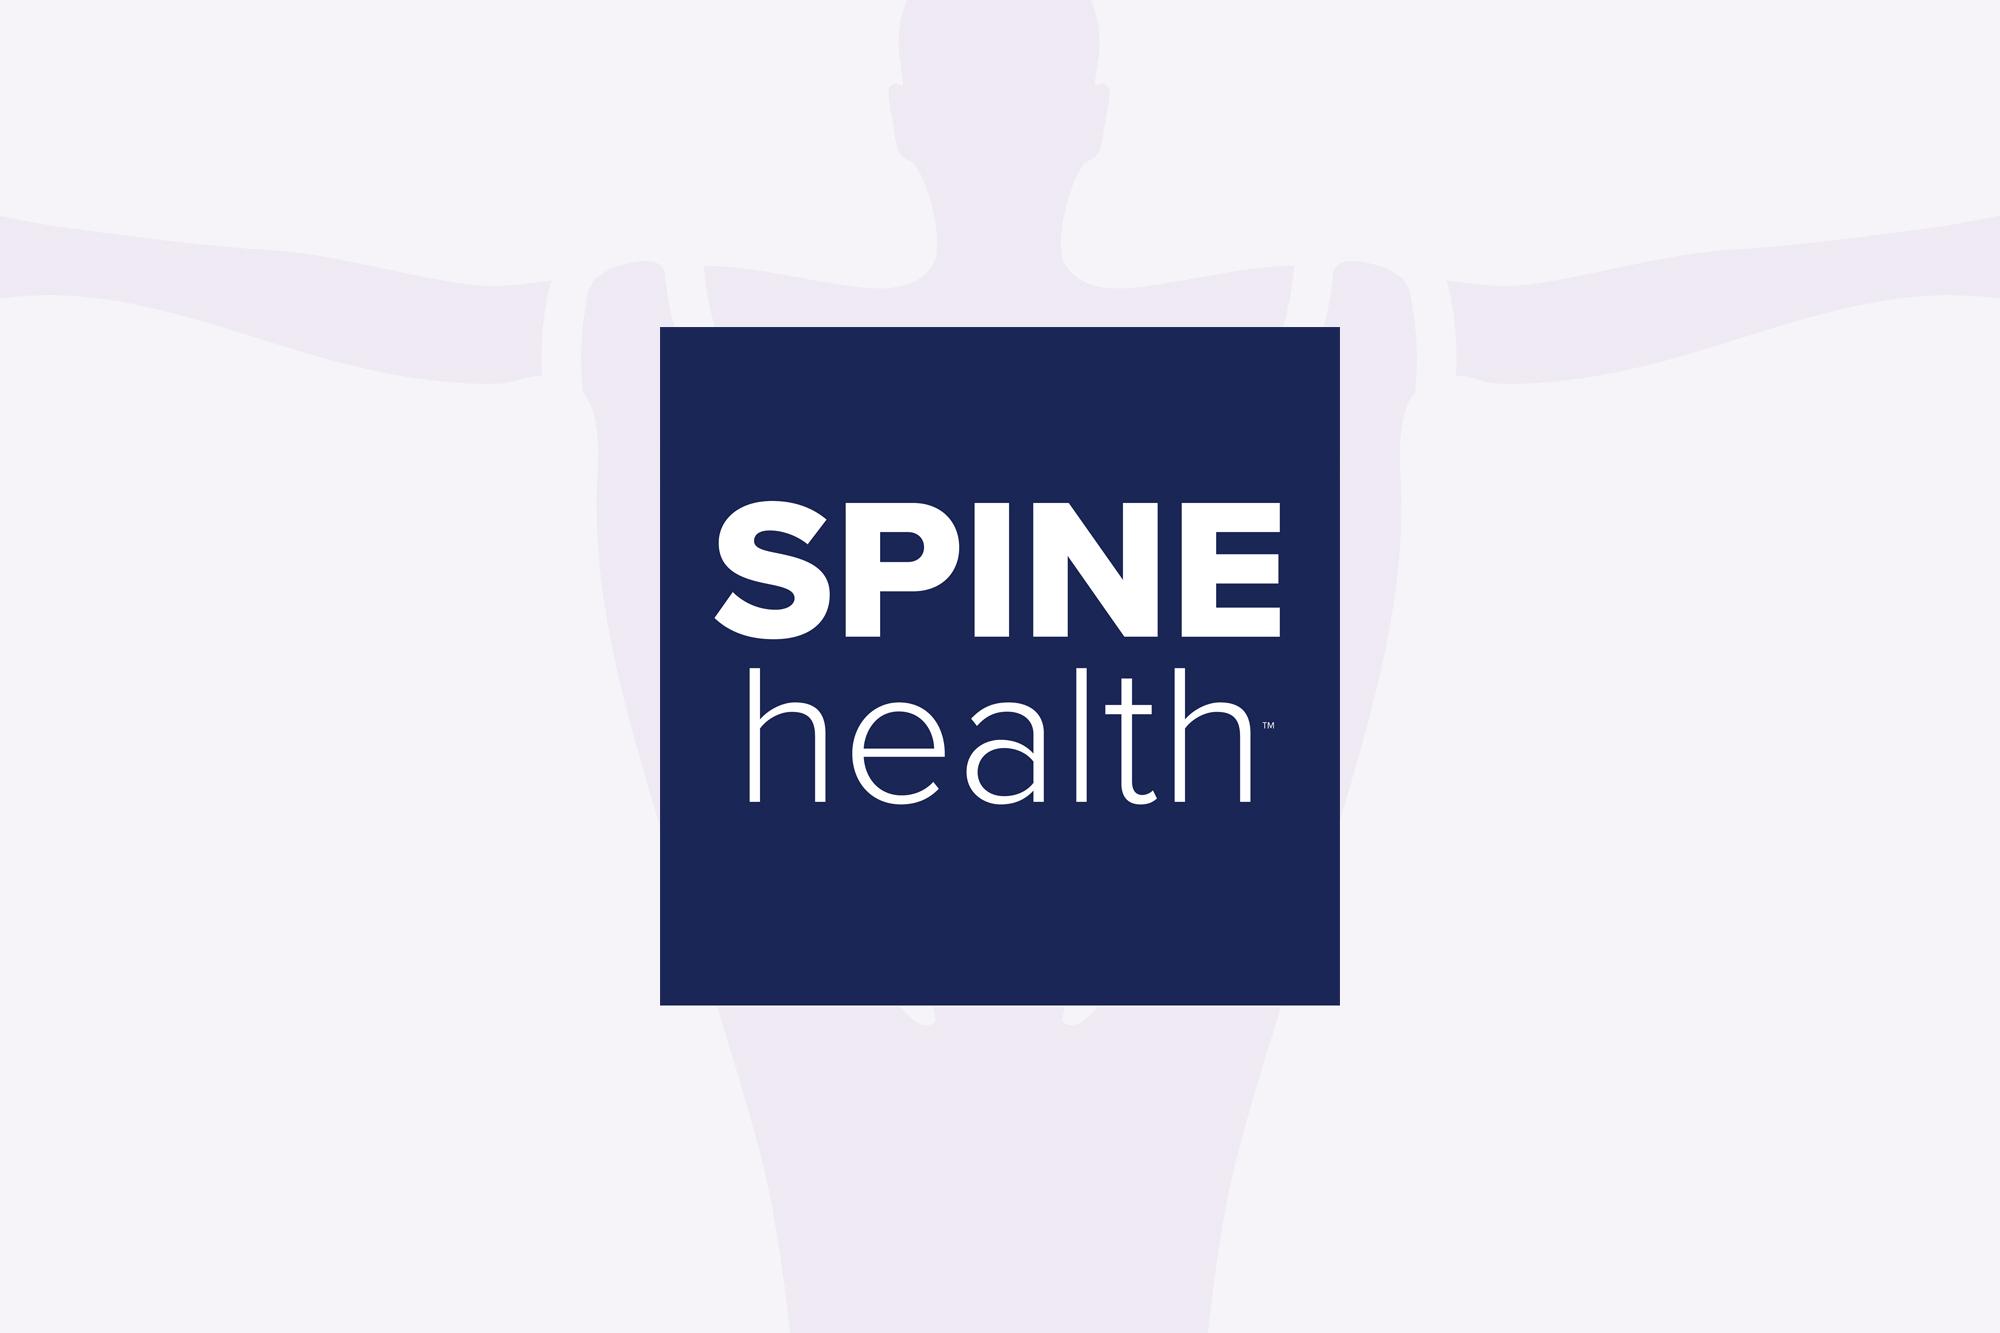 spine health aberdeen